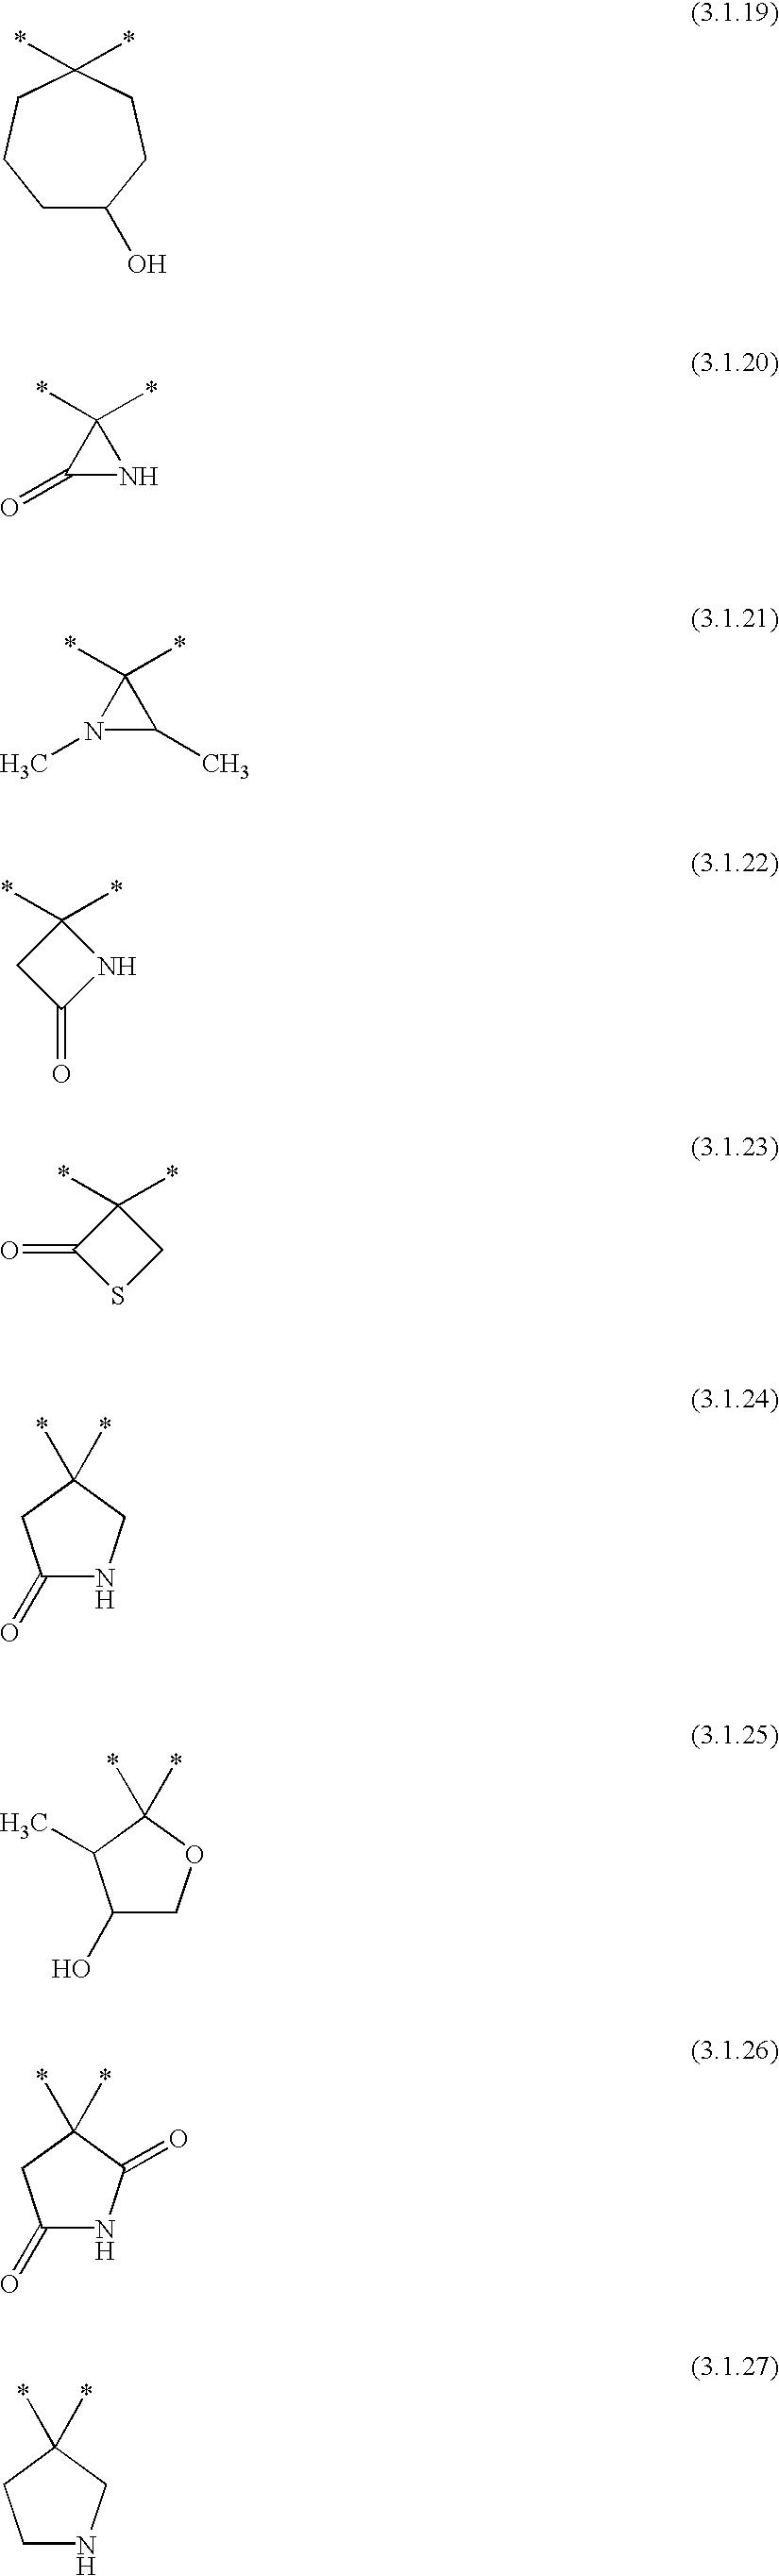 Figure US20030186974A1-20031002-C00139